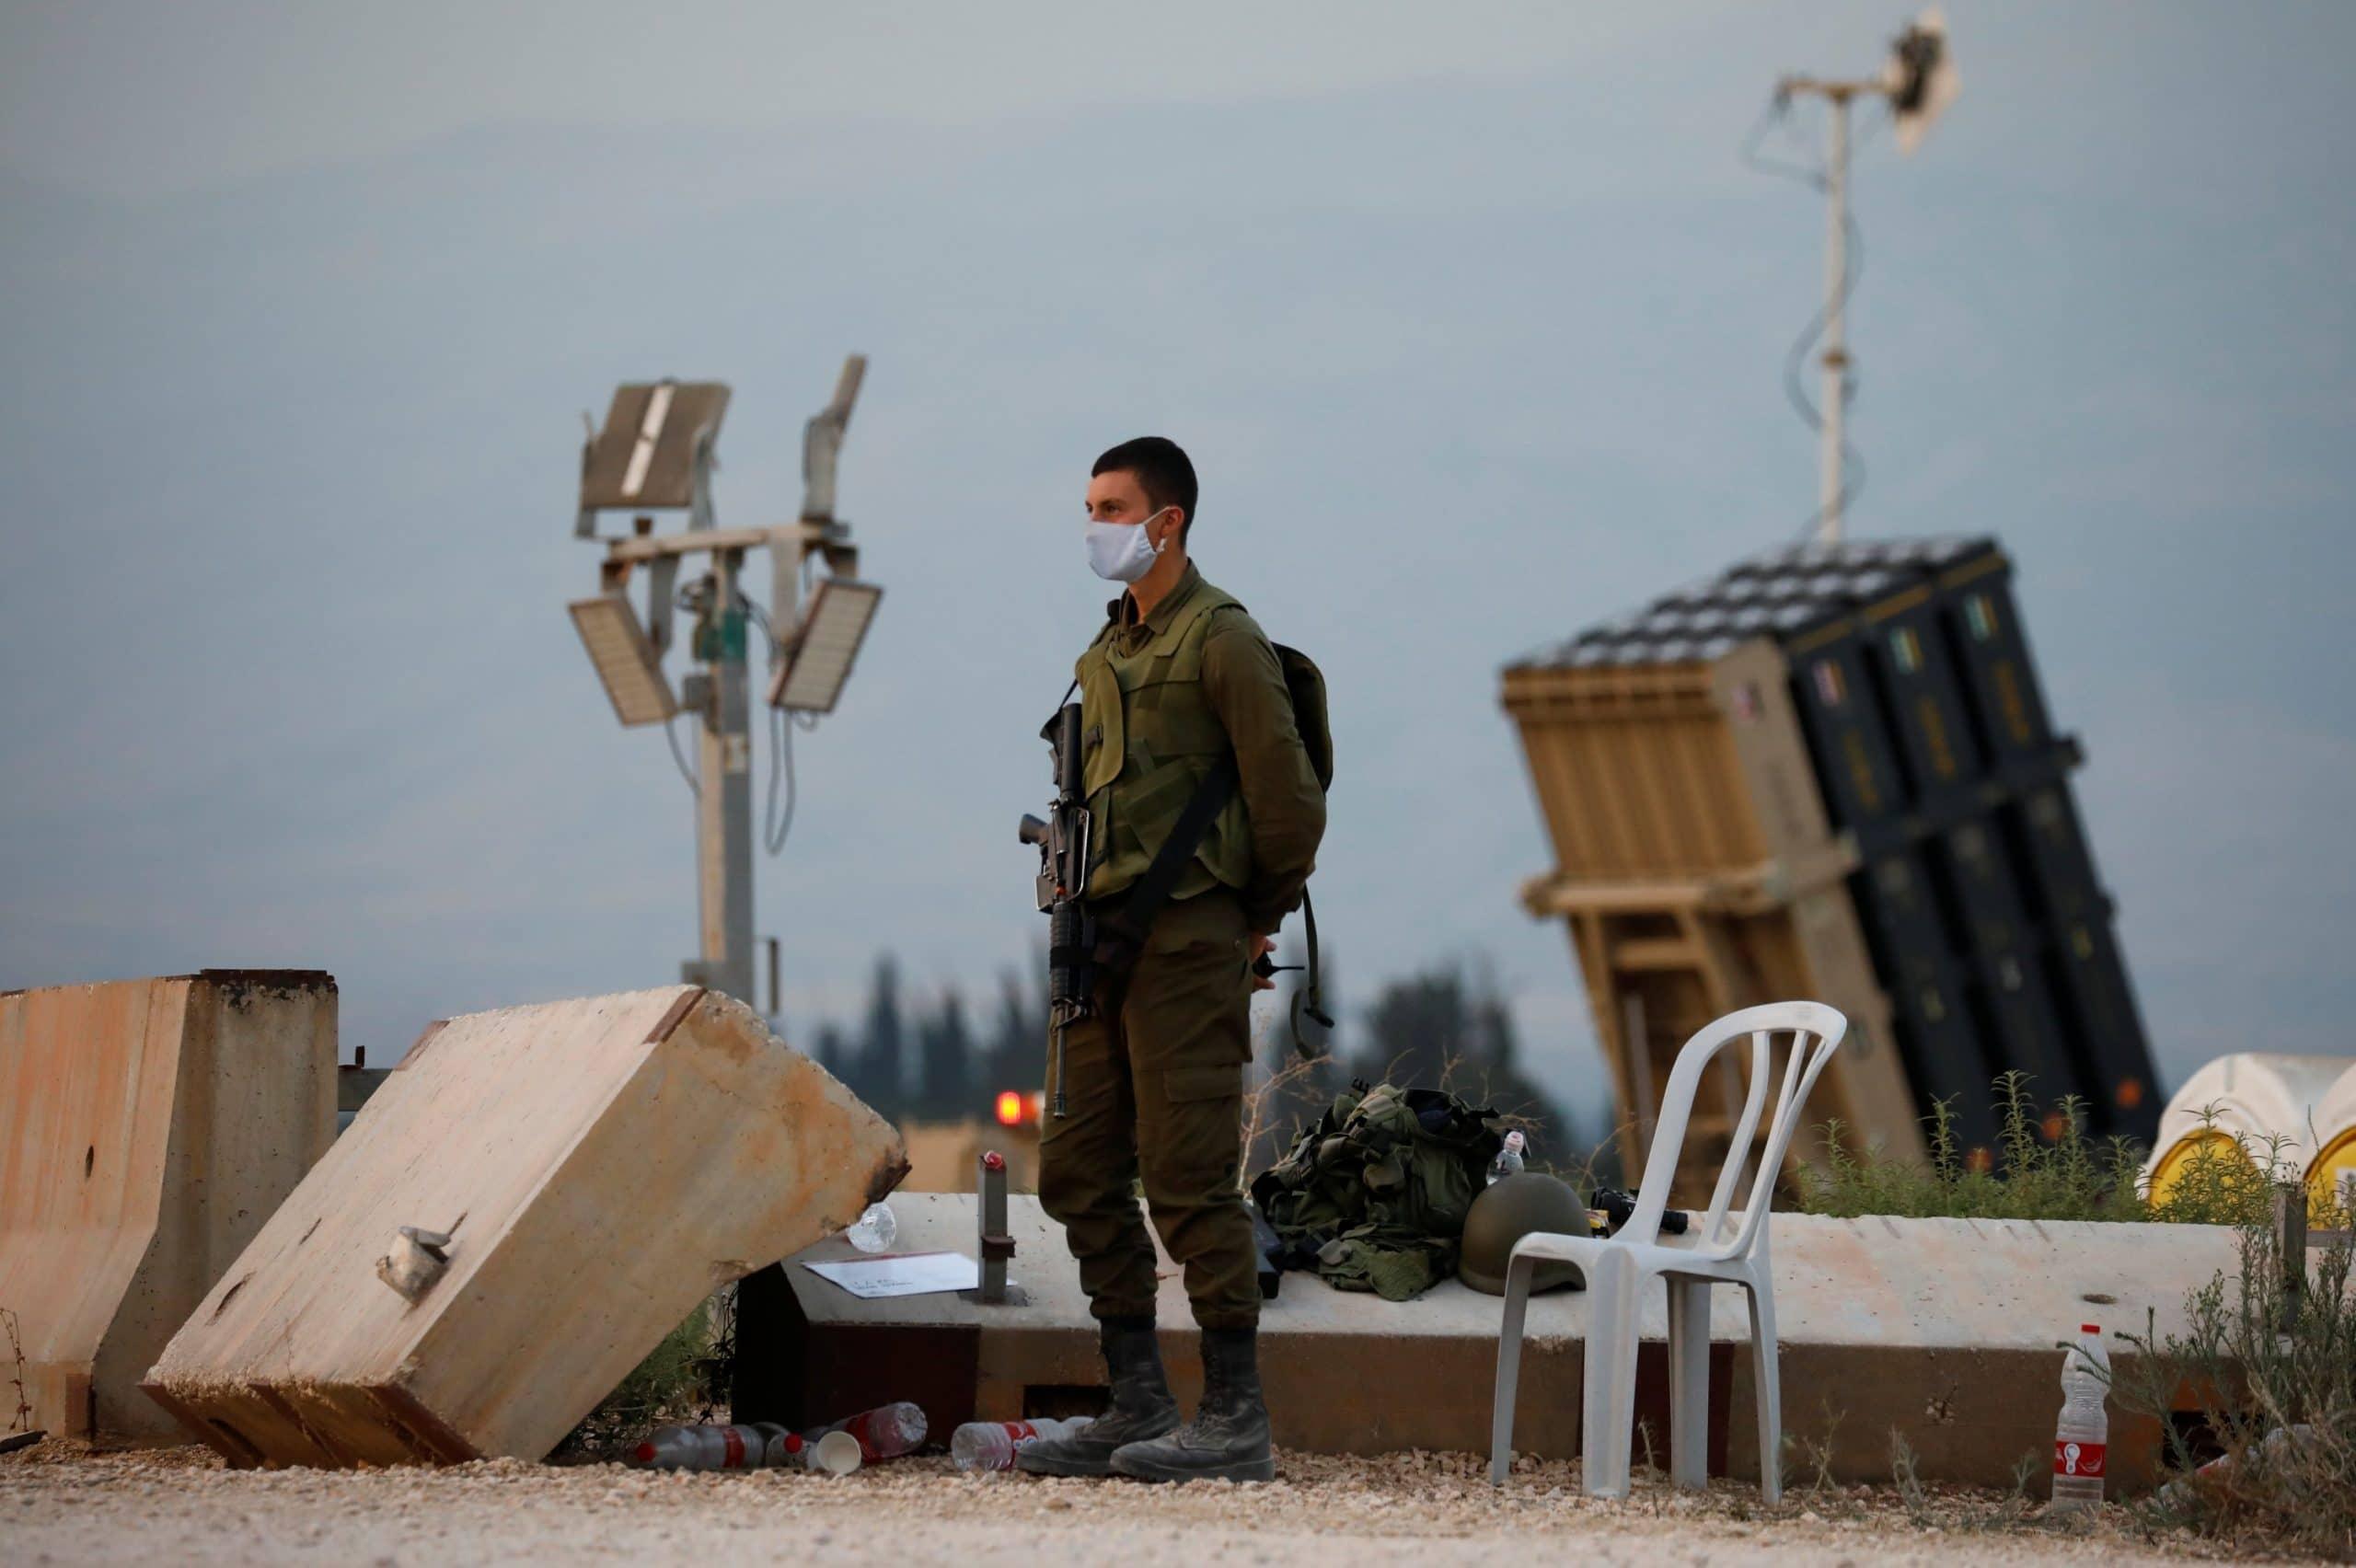 حزب الله يقصف إسرائيل بـ20 صاروخاً وصافرات الإنذار تدوي في مستوطنات الشمال (فيديو)